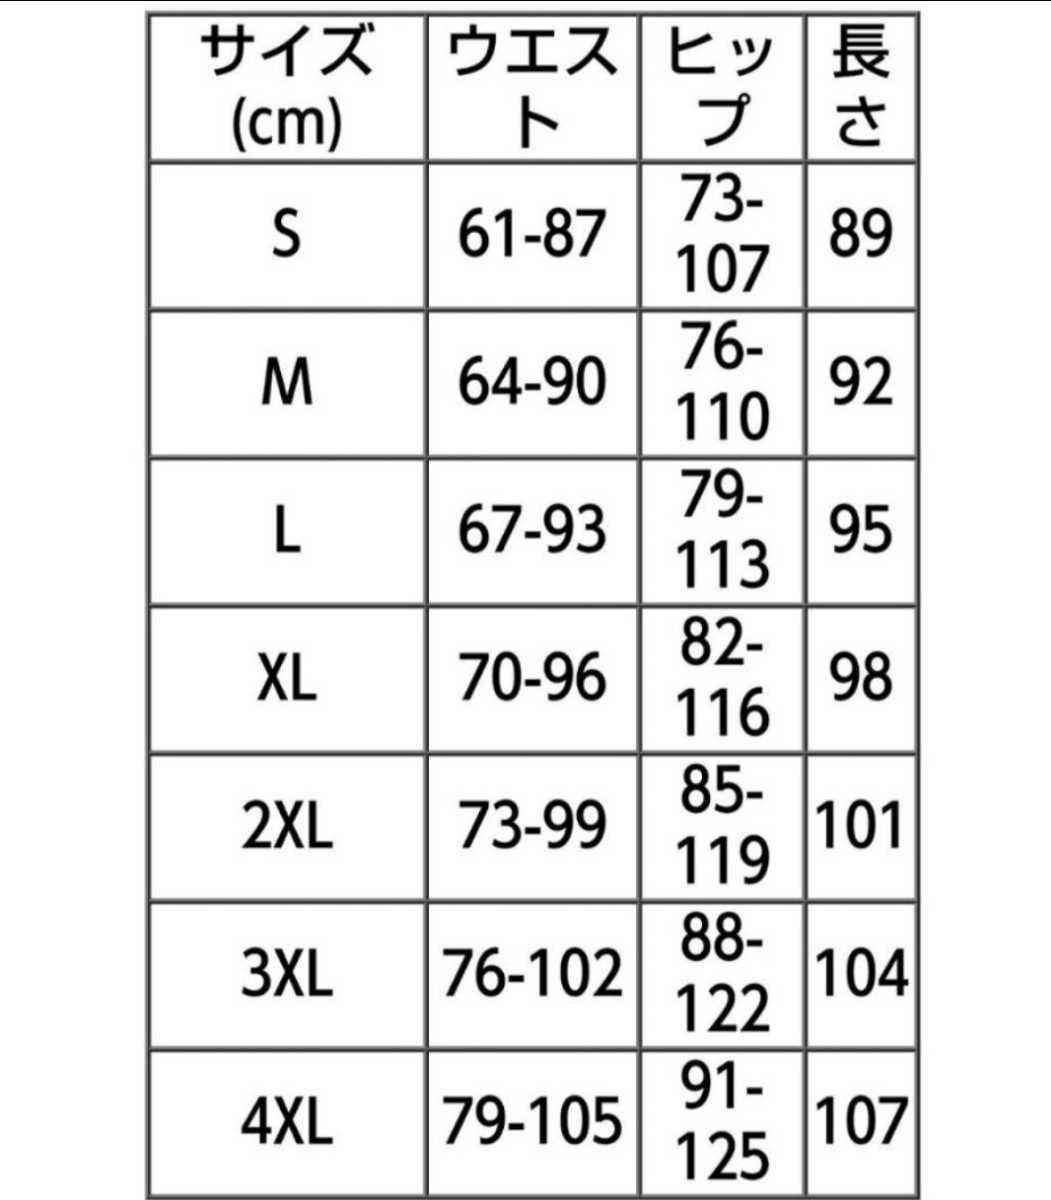 ヨガパンツ ヨガウェア レギンス 7分丈 桜 サクラ さくら Lサイズ ホットヨガ フィットネス ジム サップ ランニング サイクリング